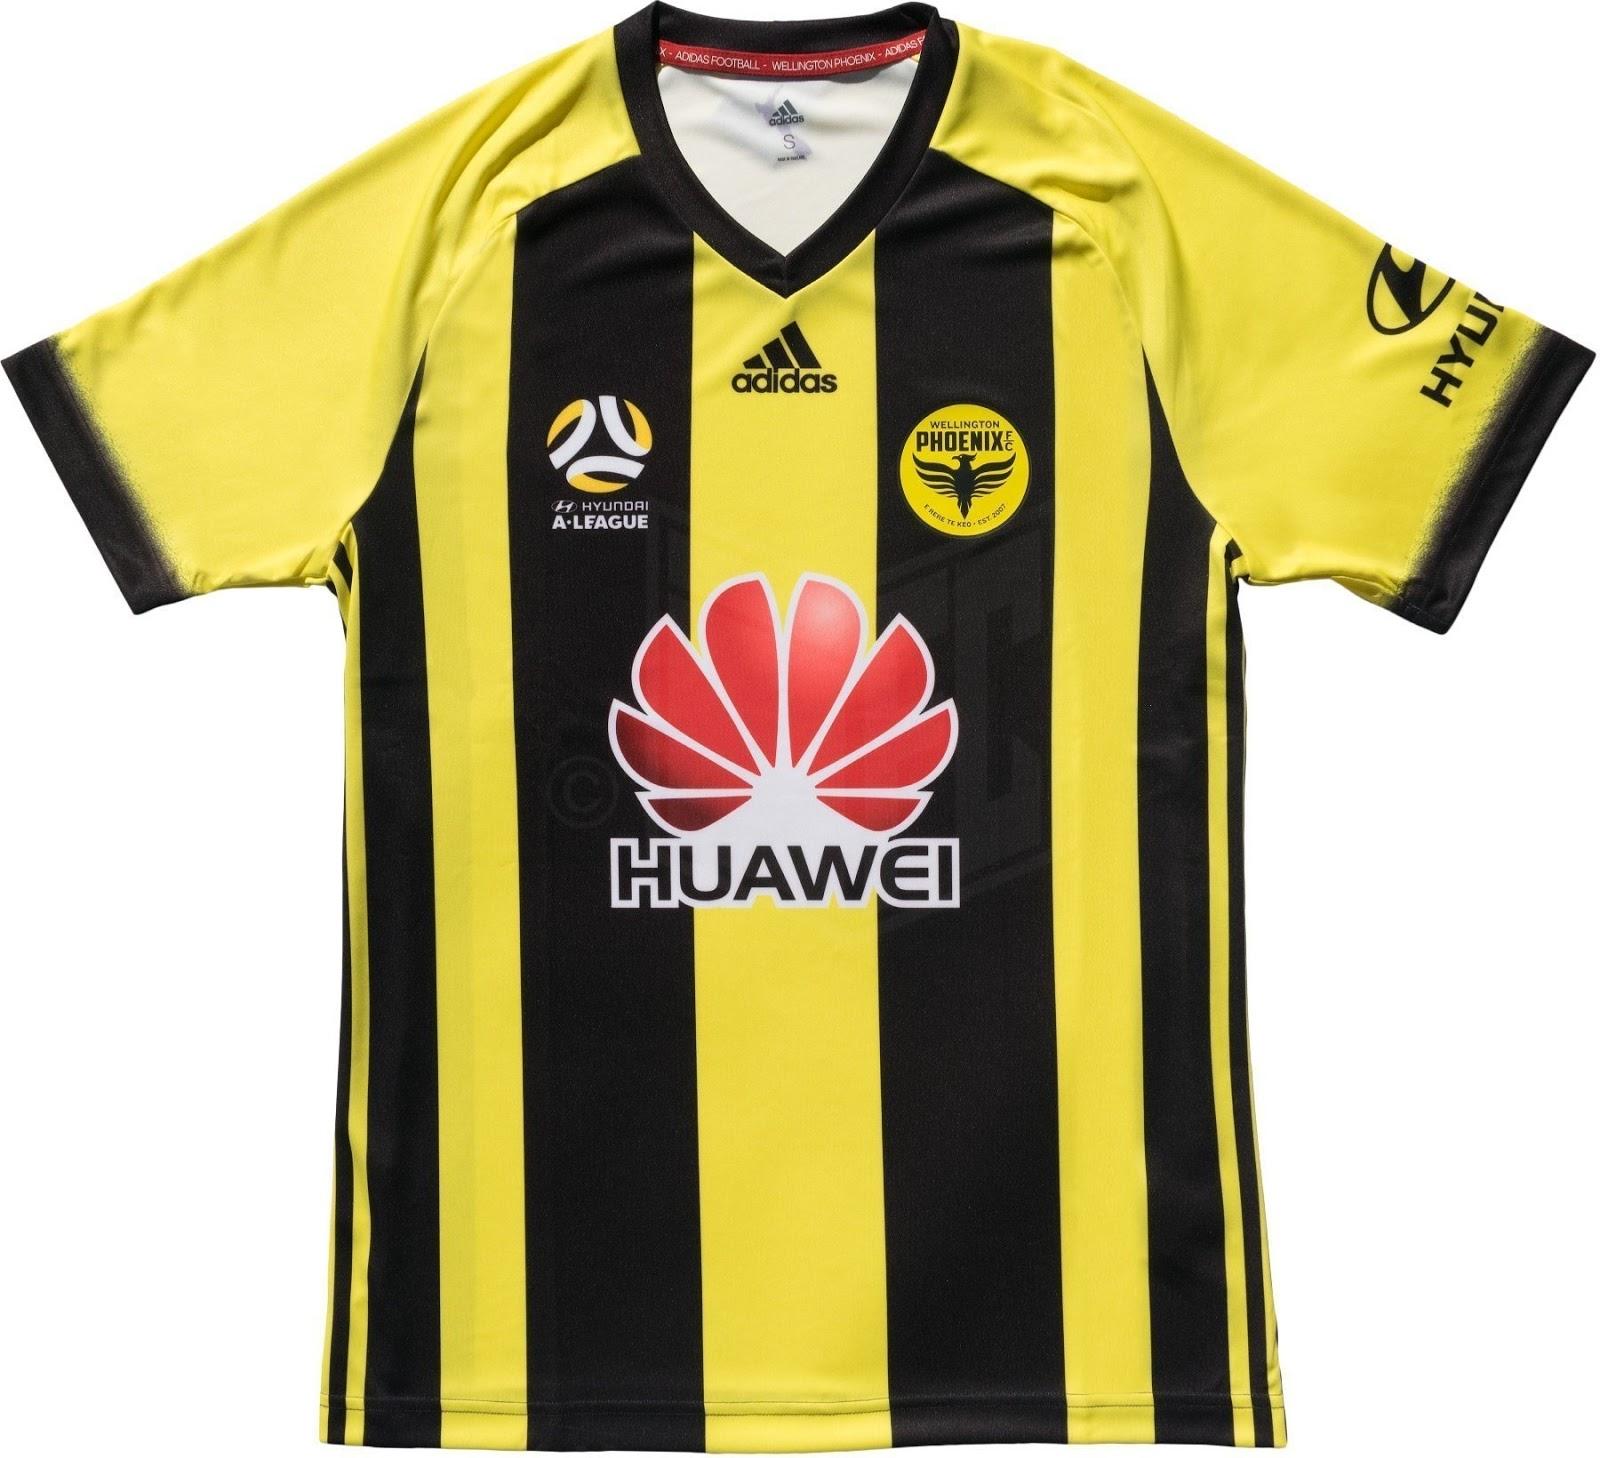 540ff89644 ... novos uniformes que serão usados durante a temporada 2017 18 do  Campeonato Australiano de futebol ( Hyundai A-League ). Fabricado pela  Adidas